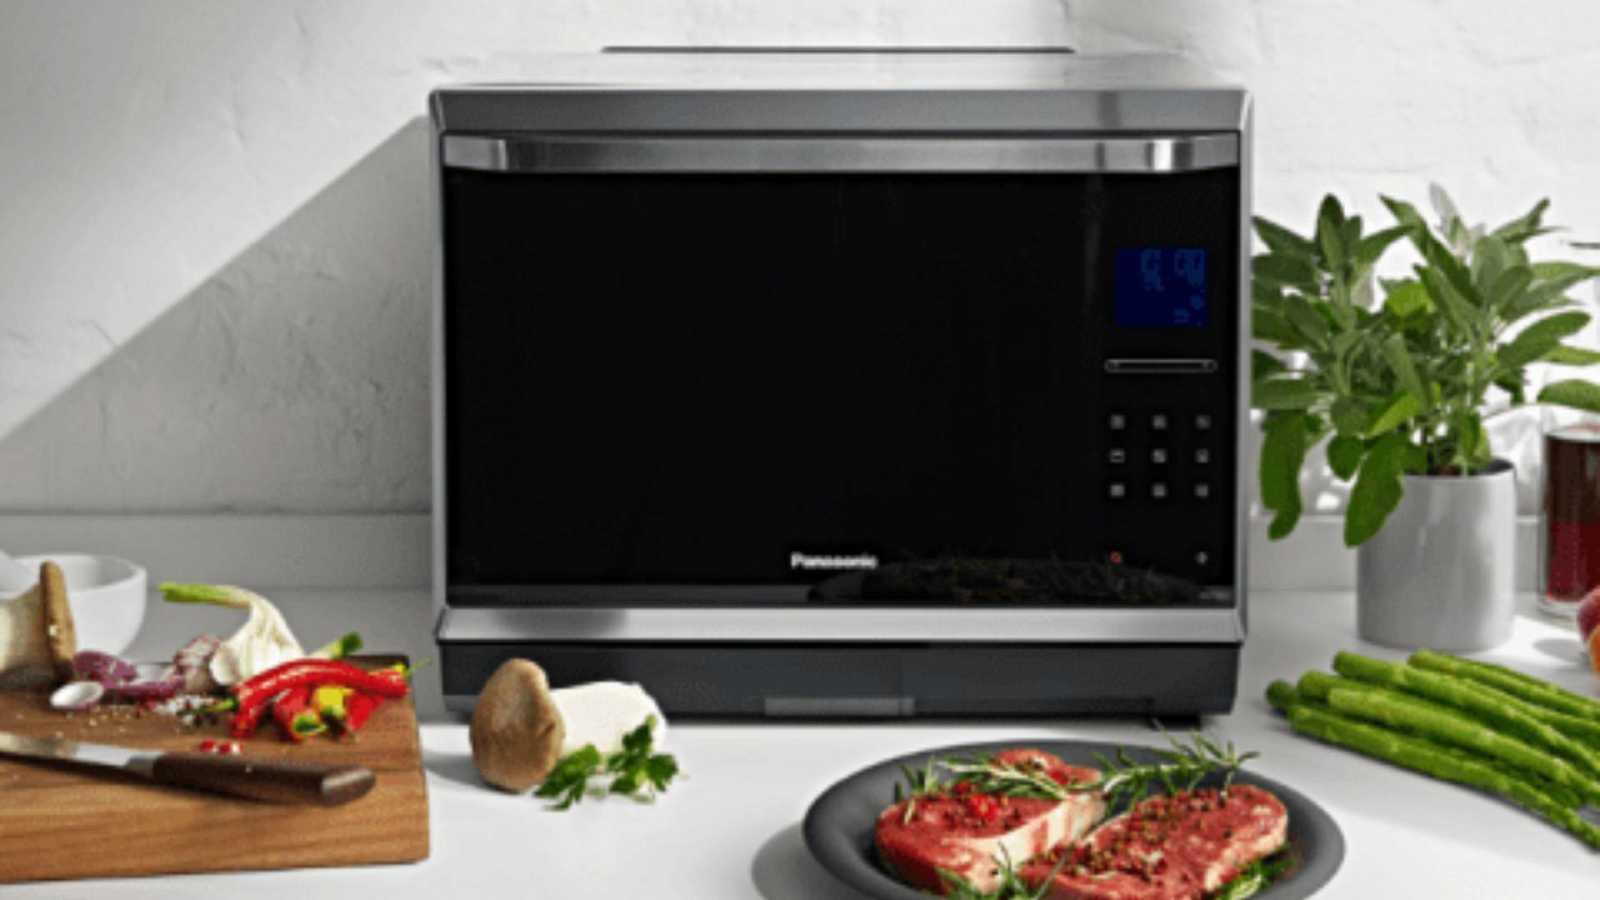 Un laboratorio en mi cocina - Cocina al microondas - 23/02/20 - escuchar ahora